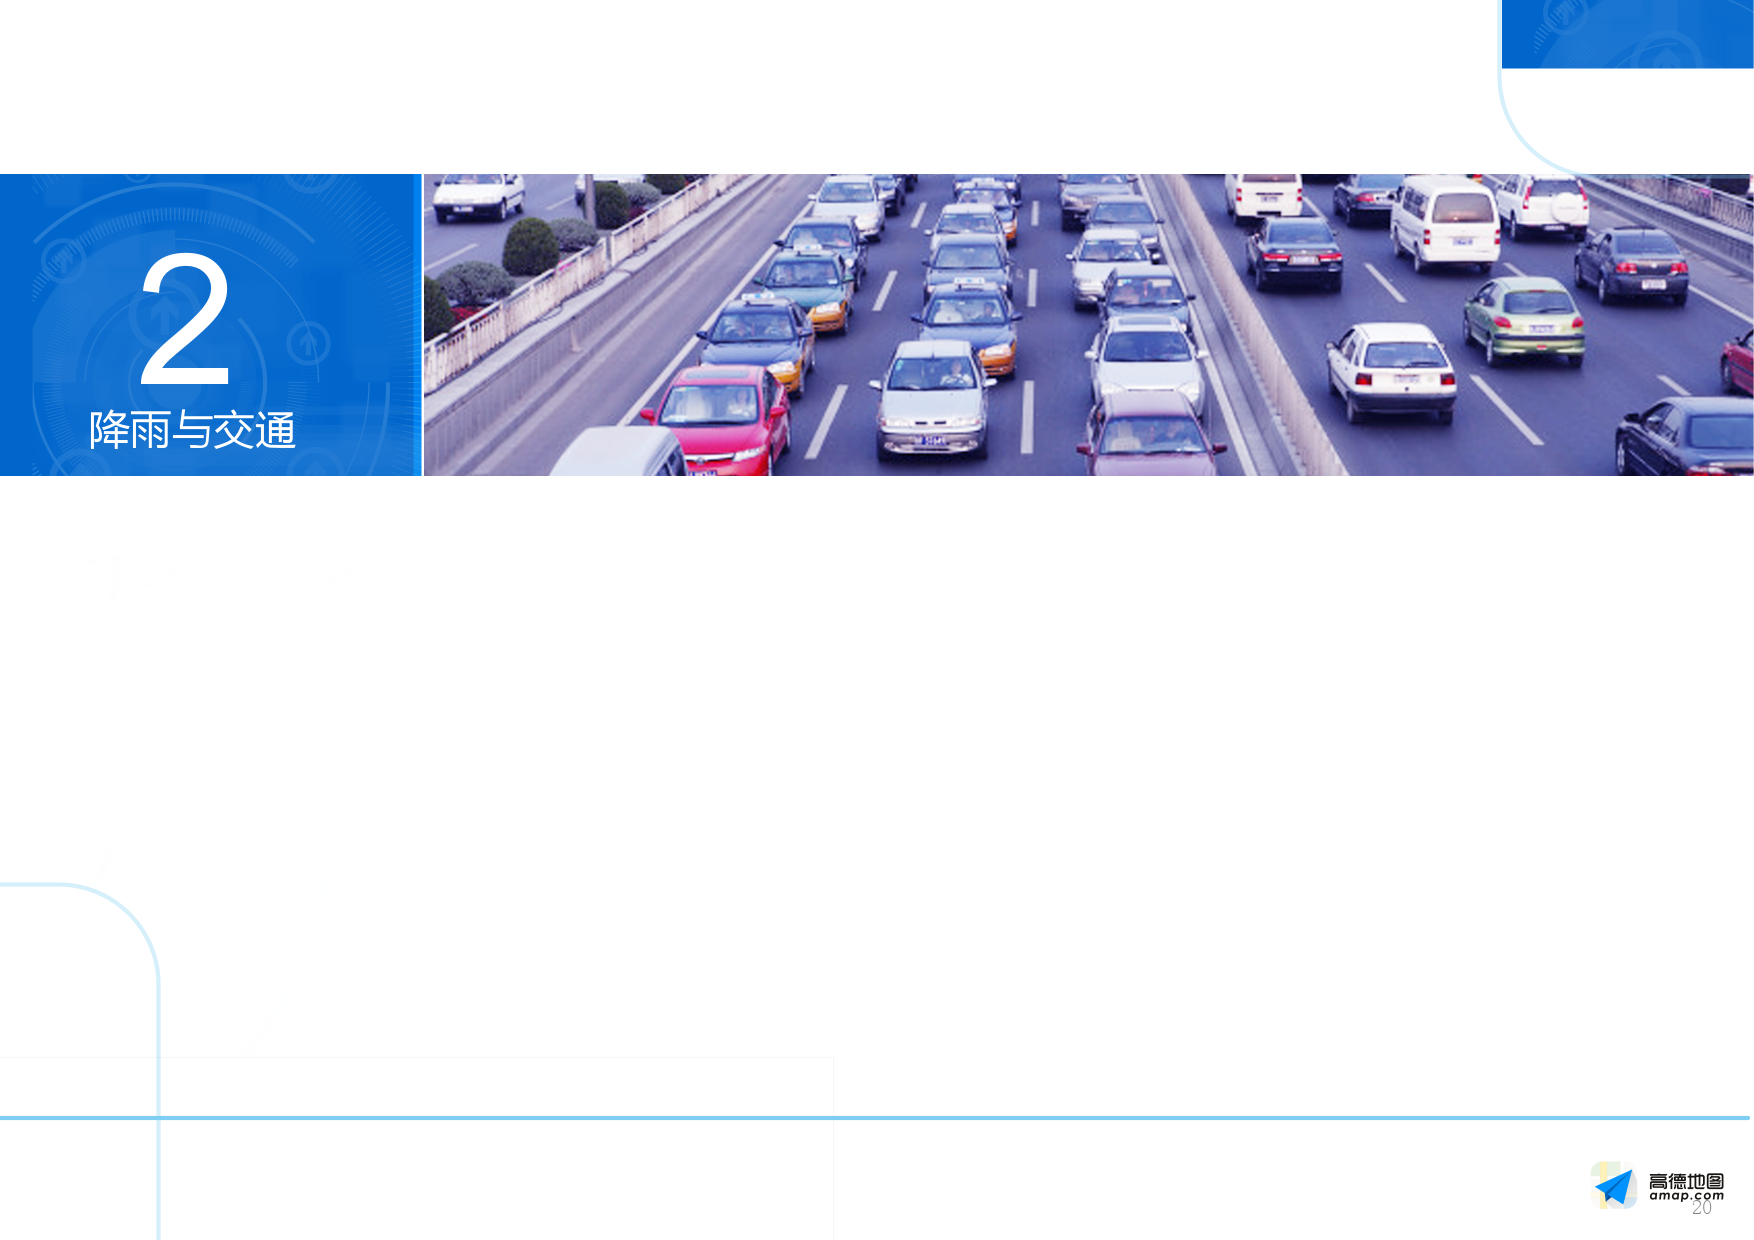 2016年Q2中国主要城市交通分析报告_000020